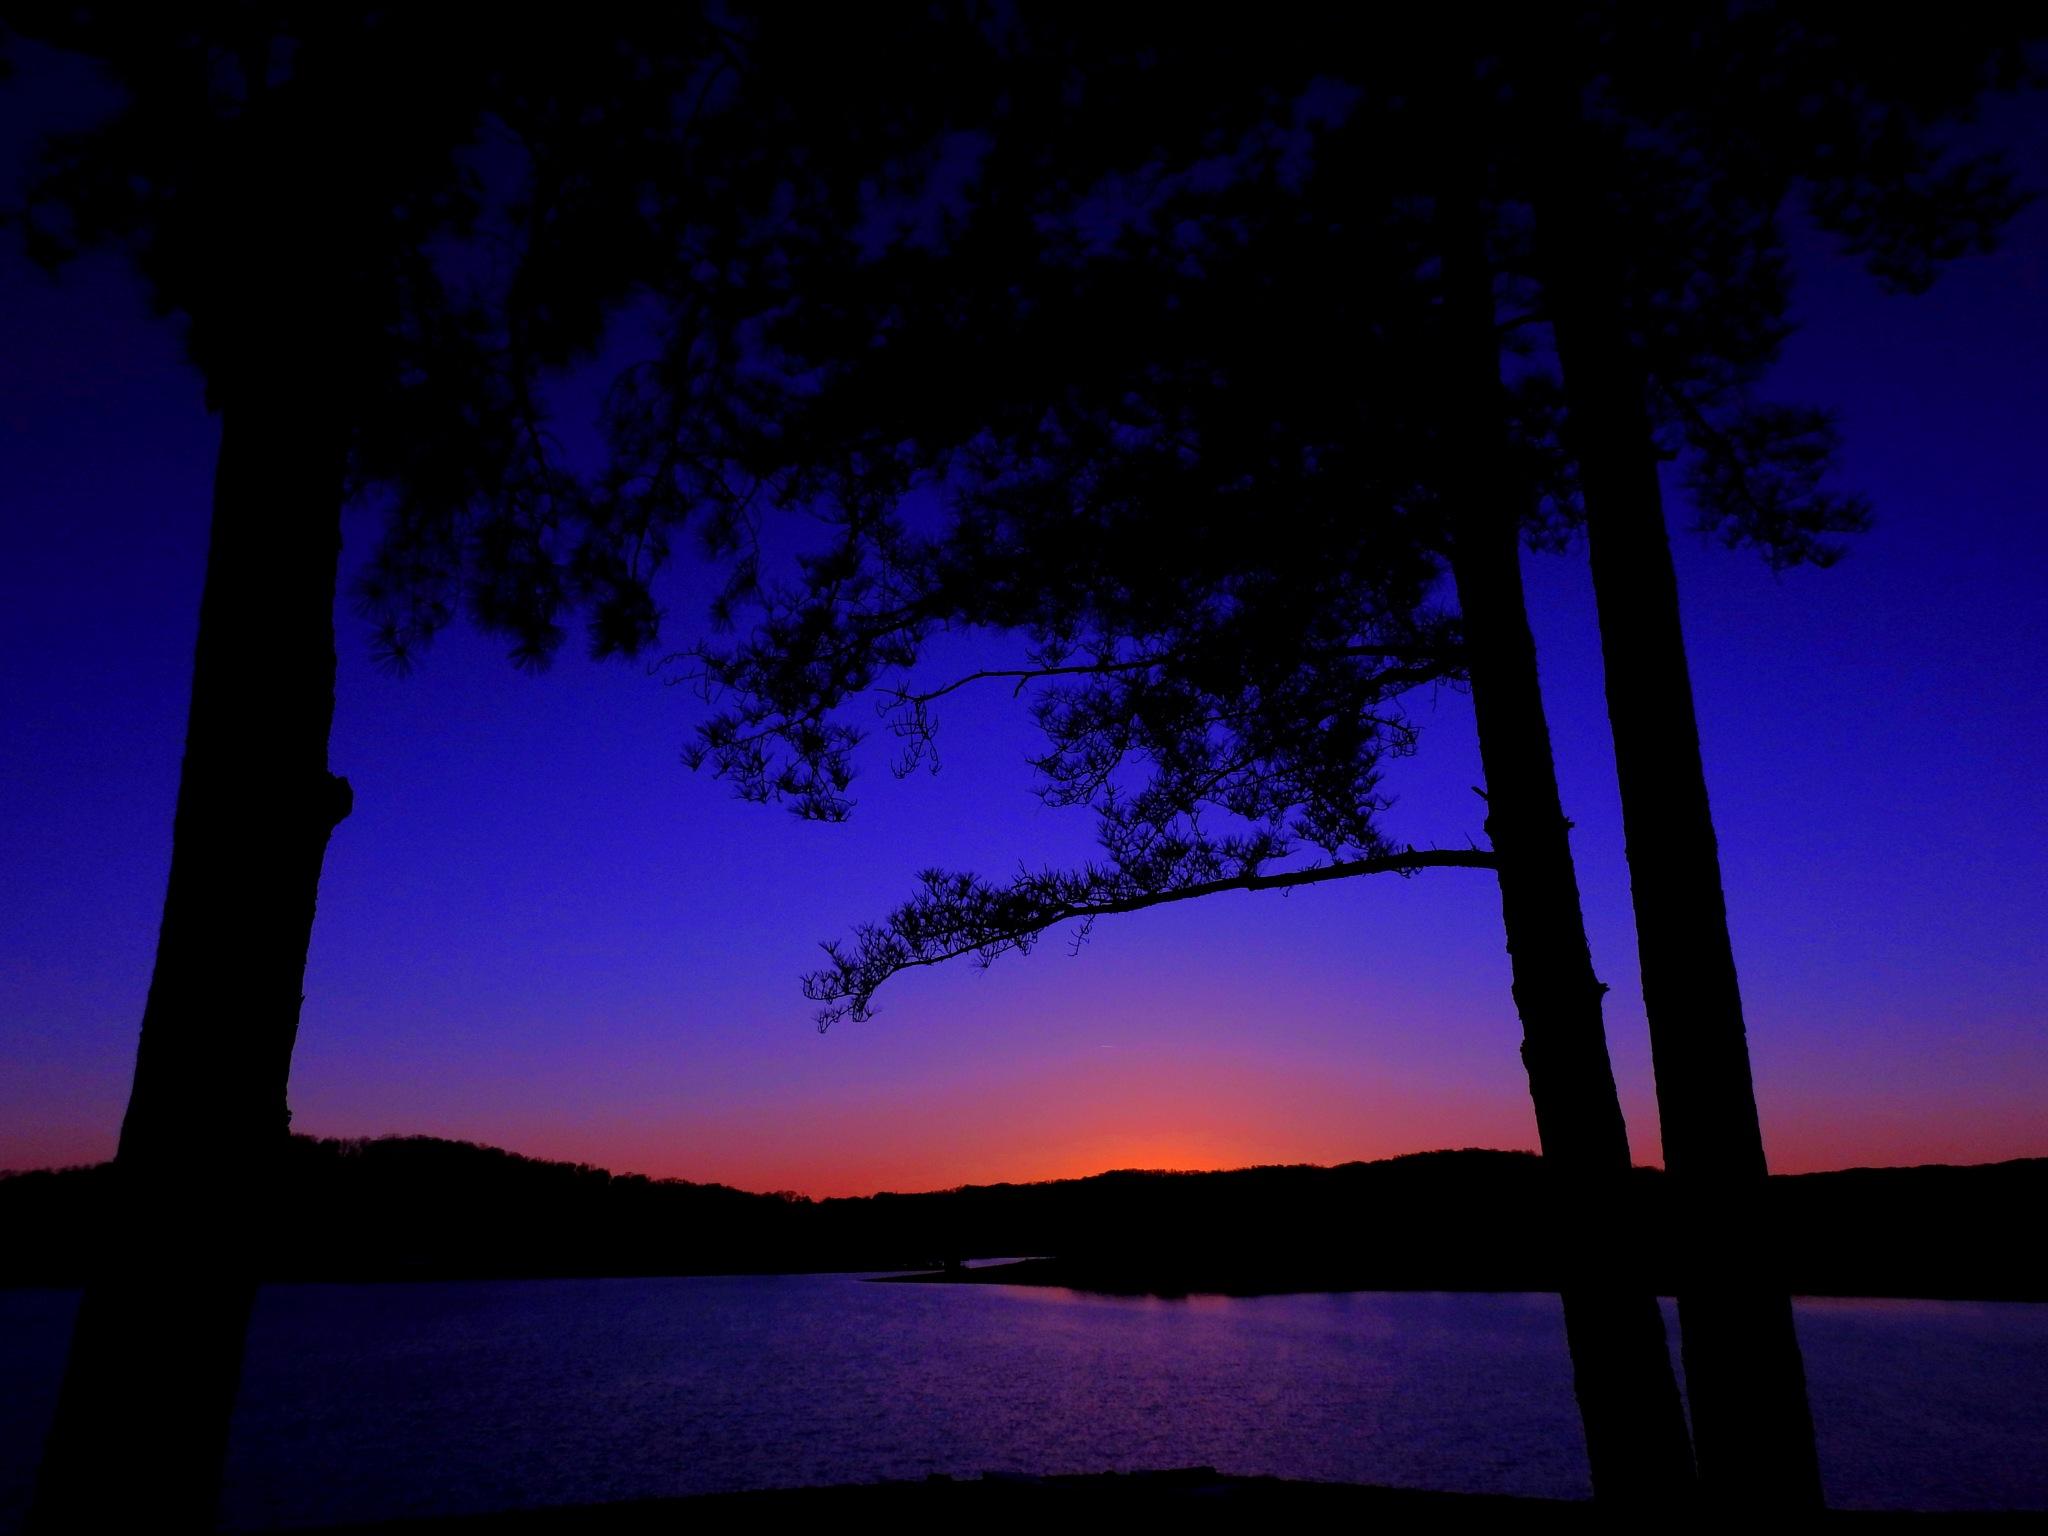 Sunset on Cherokee Lake by Patty Stockton